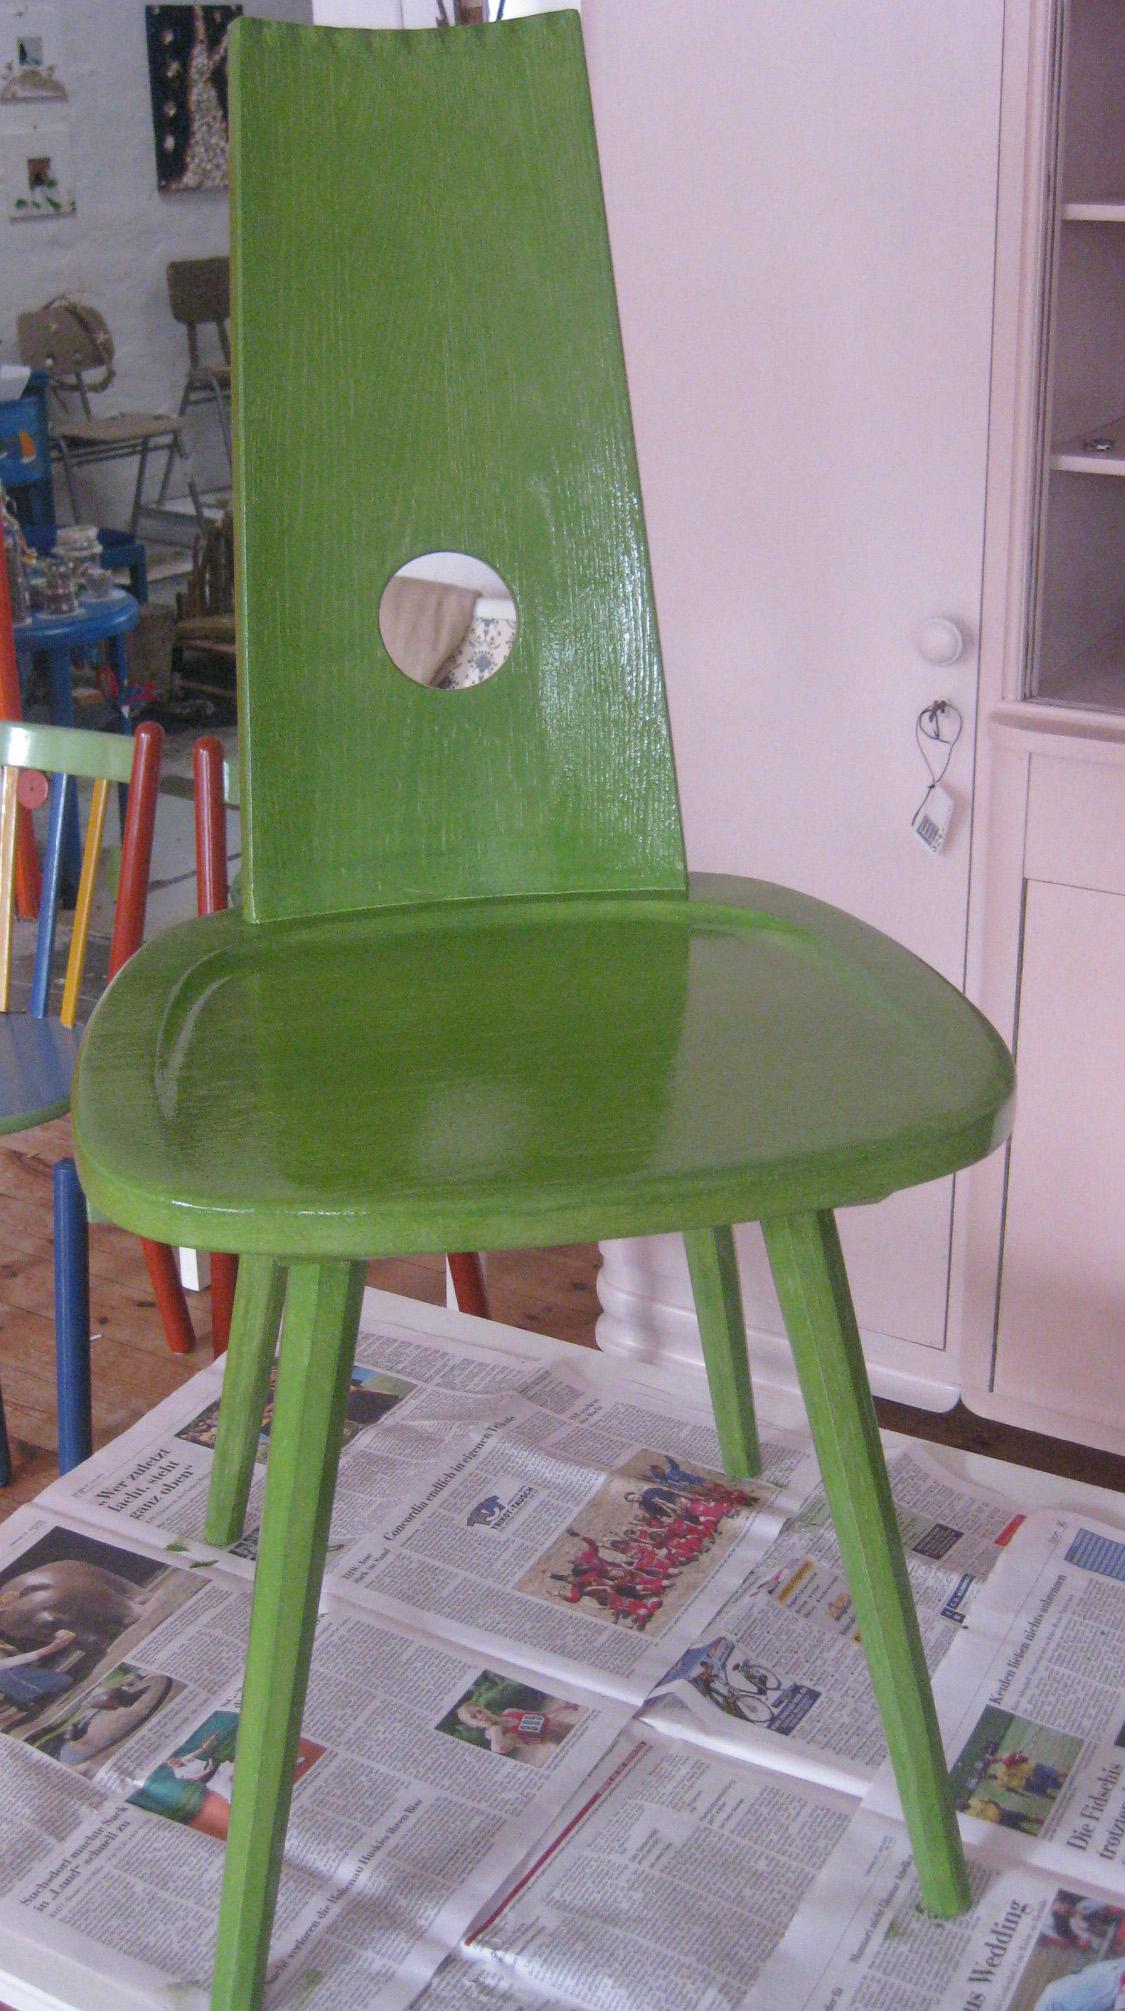 gruener stuhl recyclingkunst und der versuch langsam und nachhaltig zu leben. Black Bedroom Furniture Sets. Home Design Ideas